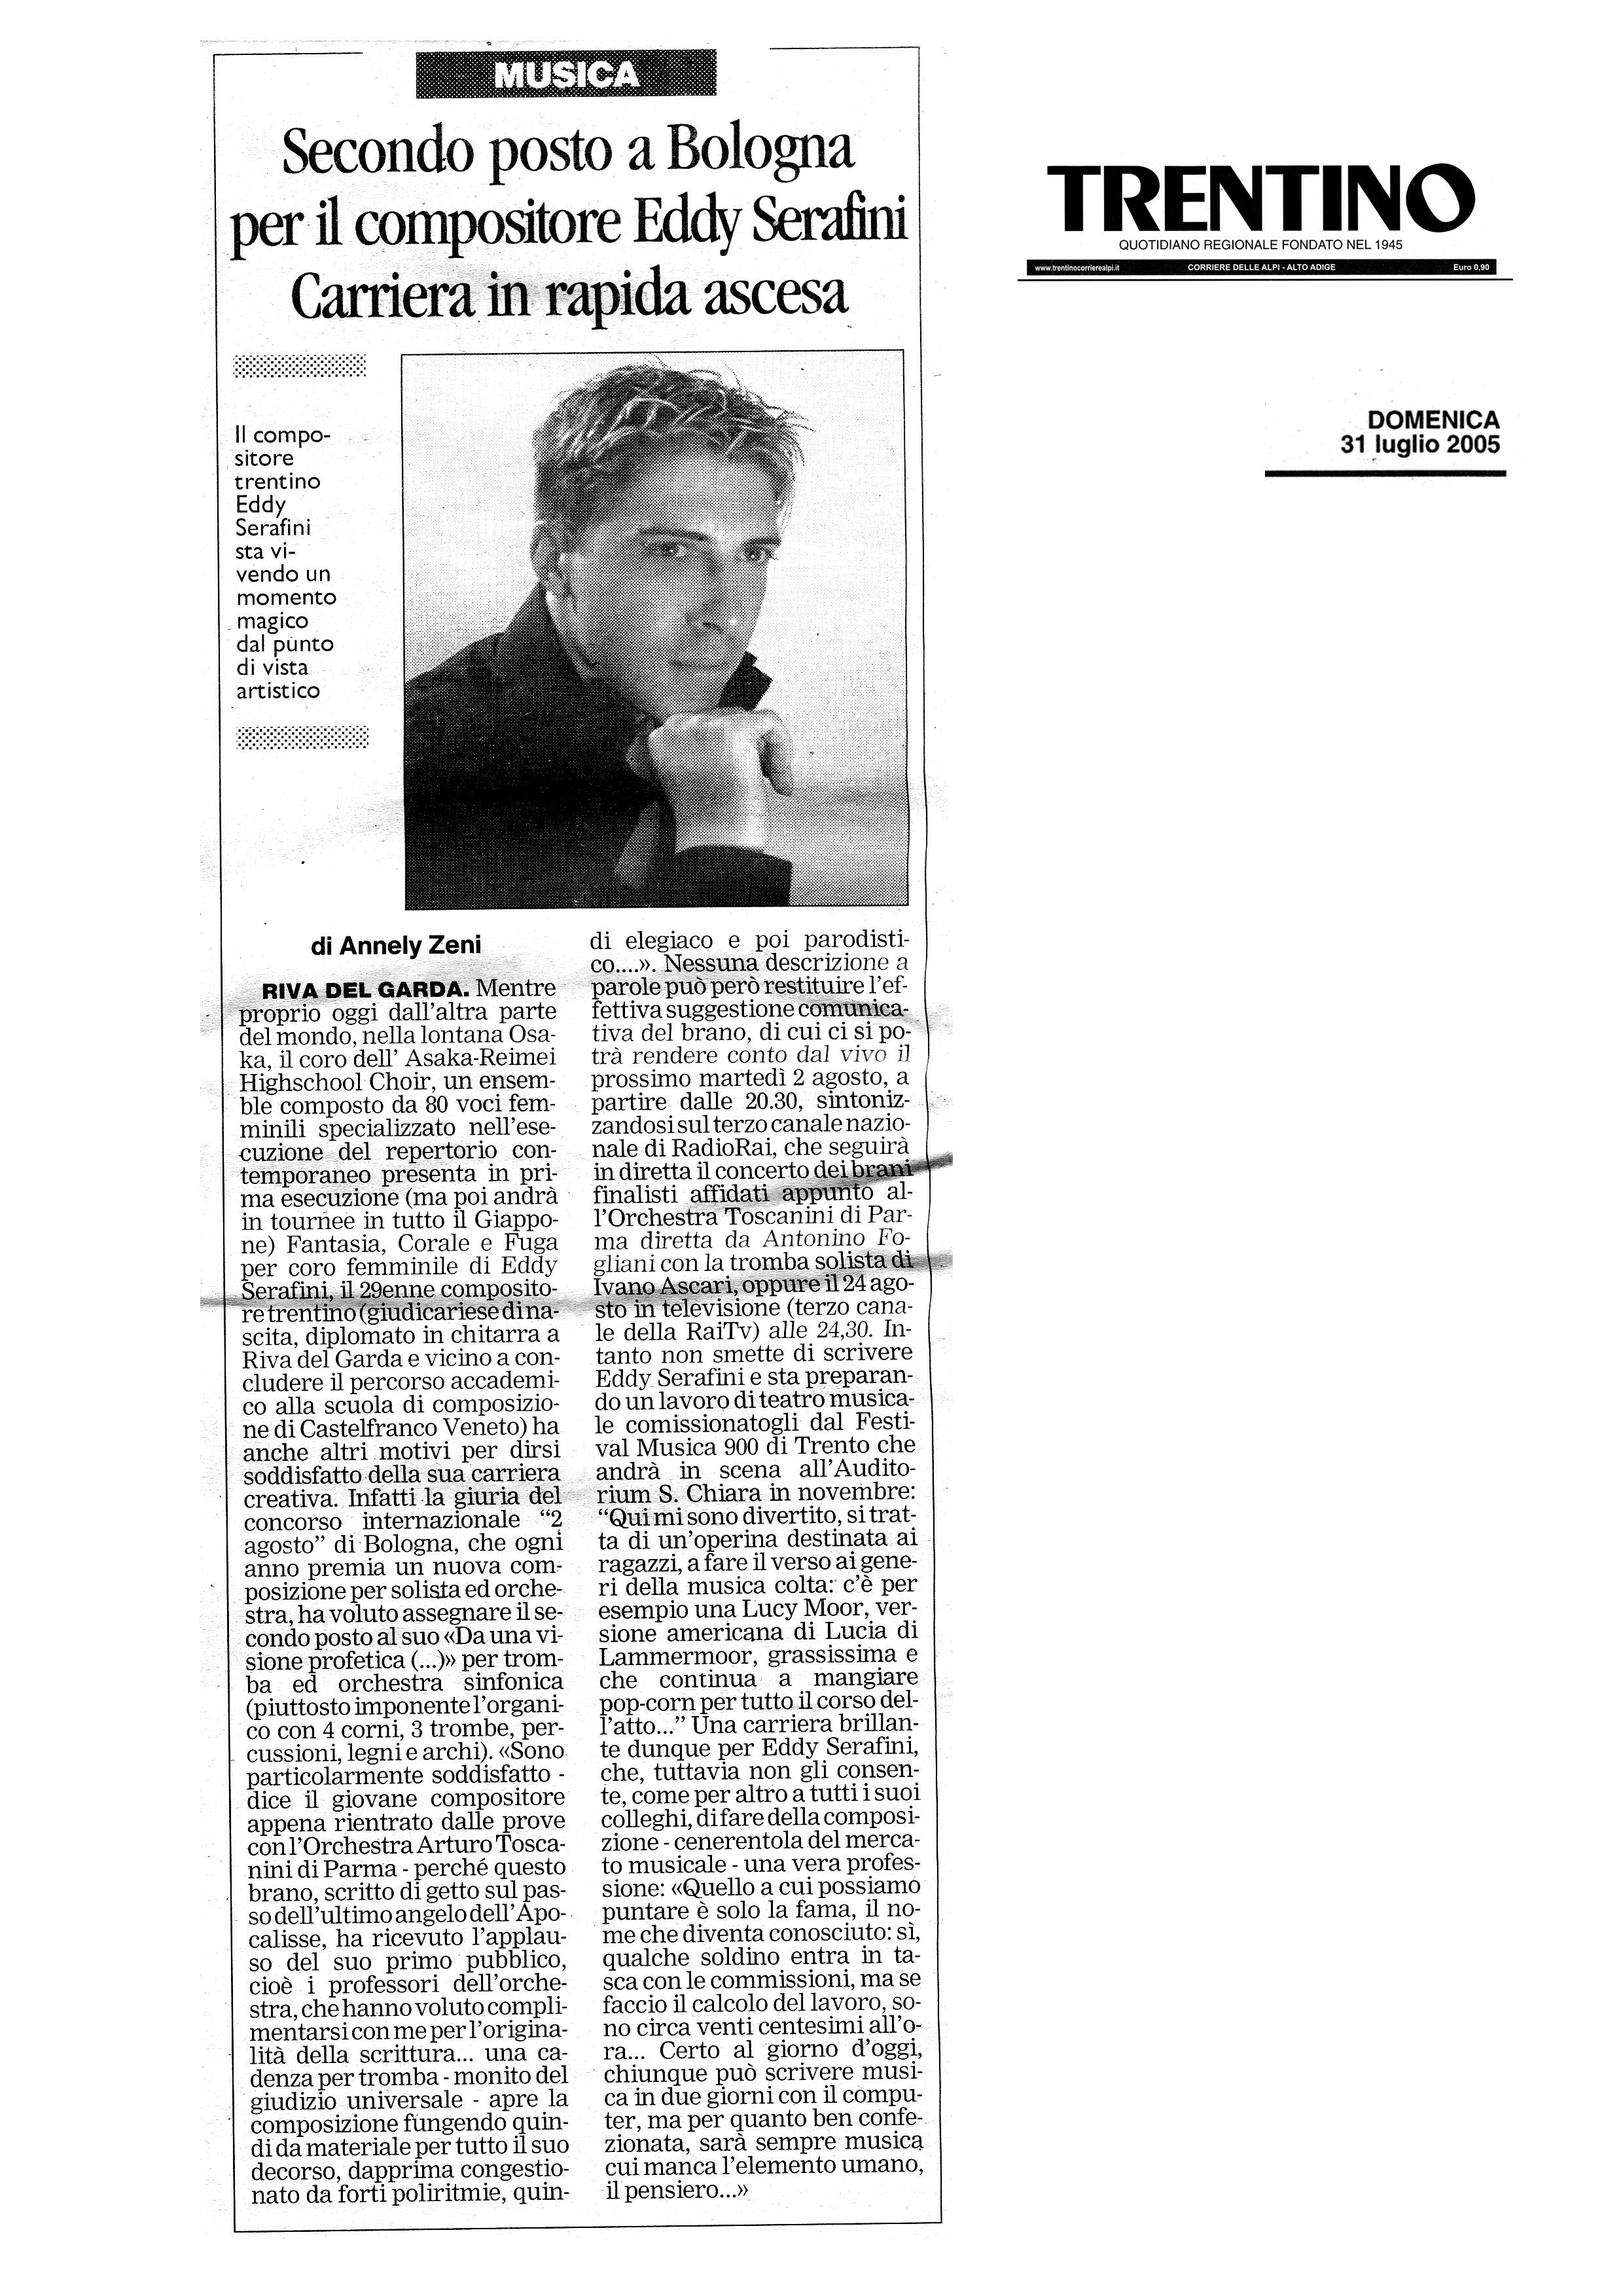 Secondo posto a Bologna per il compositore Eddy Serafini, carriera in rapida ascesa – Trentino – 31/07/2005